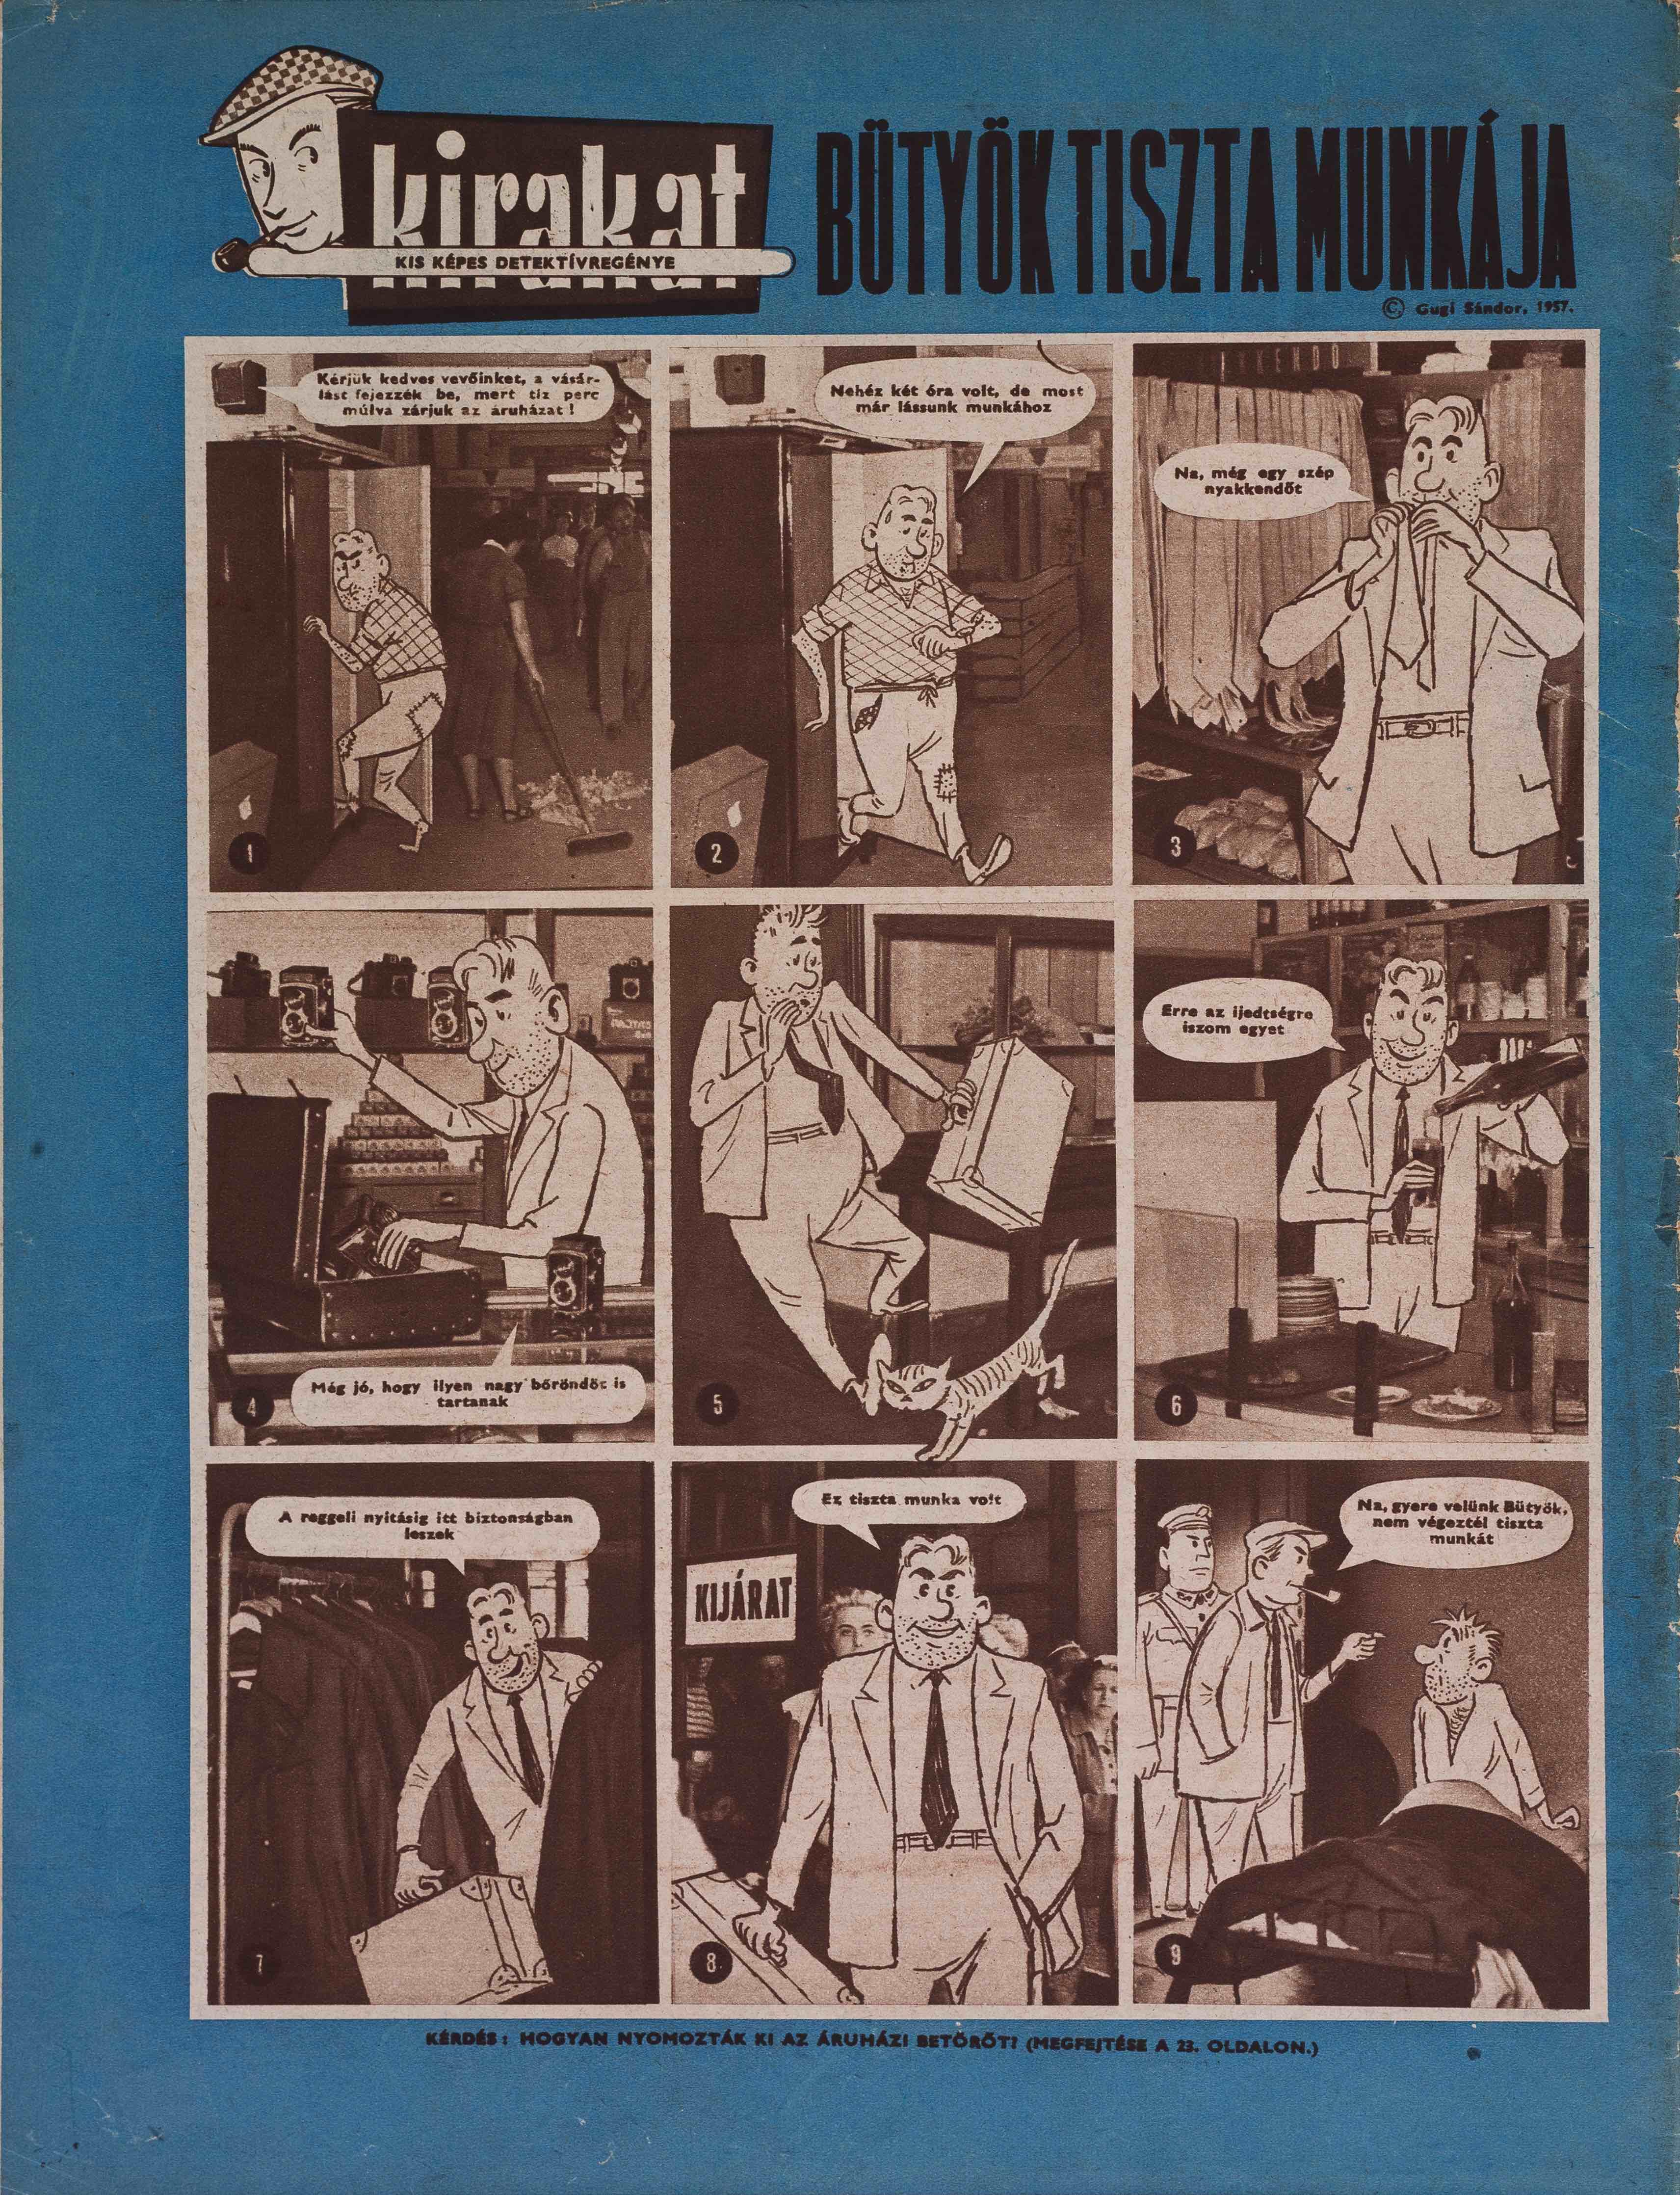 Bütyök tiszta munkája<br />KIRAKAT, 1 1957.4.sz.<br /><br />GUGI SÁNDOR: KIS KÉPES DETEKTÍVREGÉNY:<br />Az udvarias nyomozó<br />KIRAKAT, 1 1957.1.sz.-1957.1.sz. (foto + rajz)<br />Az ékköves gyűrű<br />KIRAKAT, 1 1957.2.sz.-1957.2.sz. (foto + rajz)<br />Hogy jött rá?<br />KIRAKAT, 1 1957.3.sz.-1957.3.sz. (foto + rajz)<br />Bütyök tiszta munkája<br />KIRAKAT, 1 1957.4.sz.-1957.4.sz. (foto + rajz)<br />